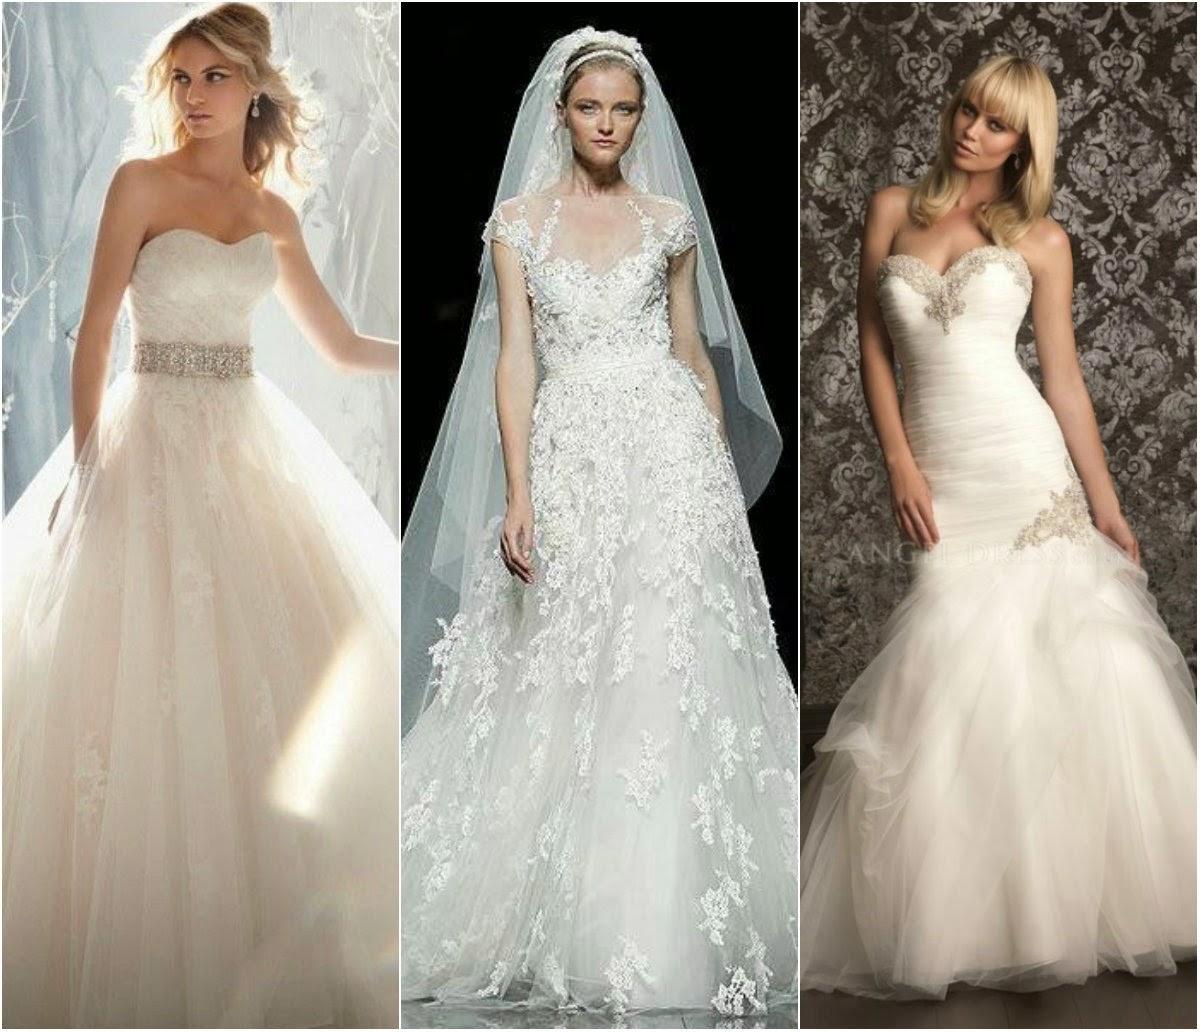 O que fazer com o vestido de noiva depois do casamento?